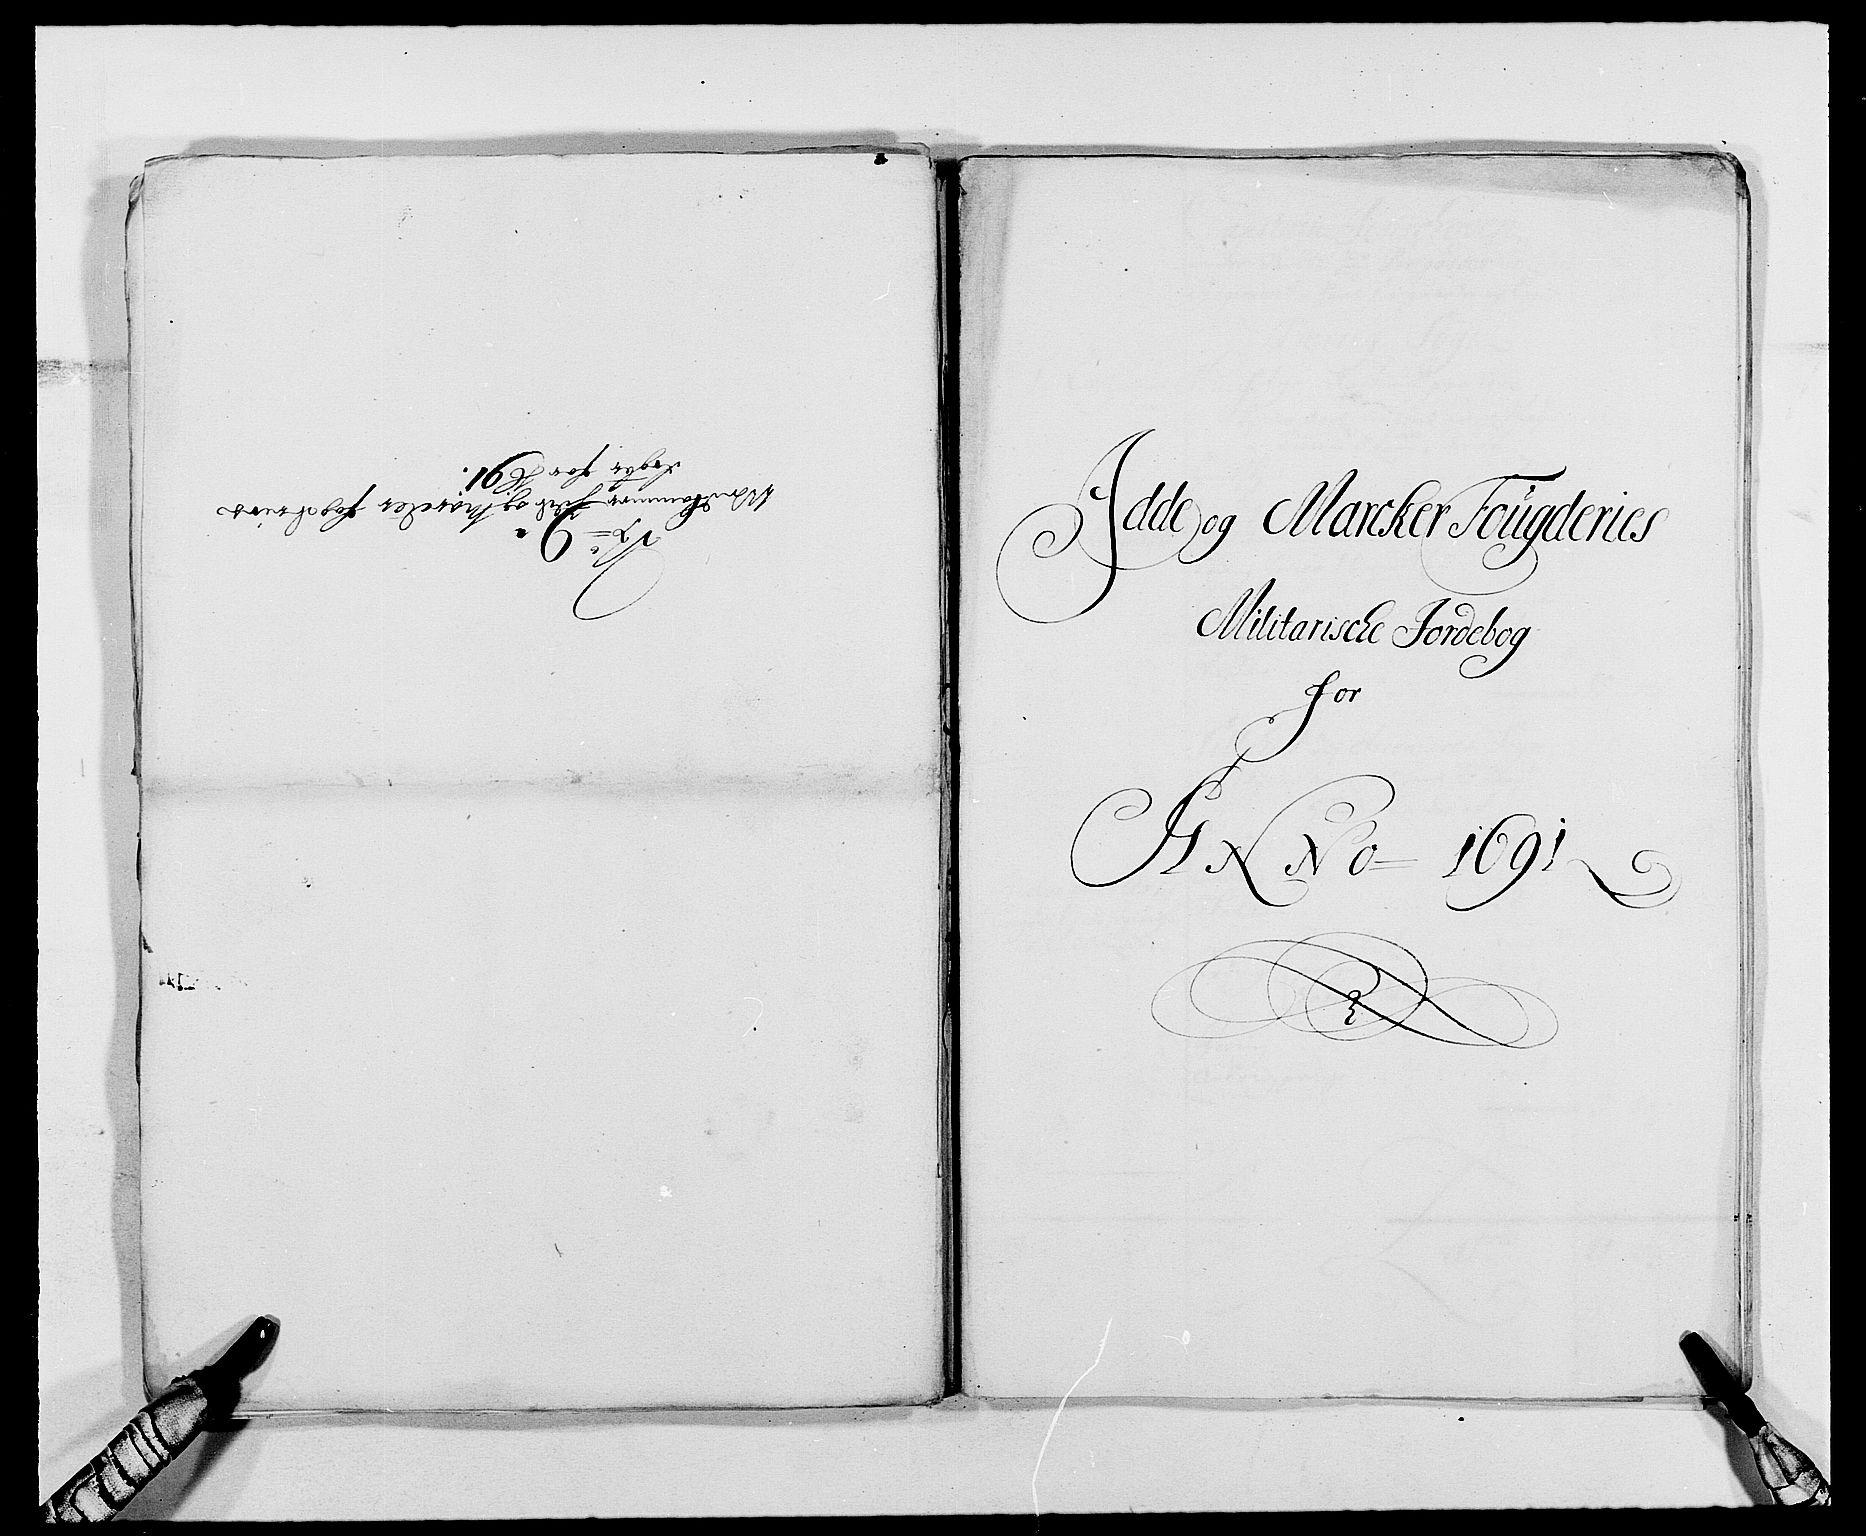 RA, Rentekammeret inntil 1814, Reviderte regnskaper, Fogderegnskap, R01/L0010: Fogderegnskap Idd og Marker, 1690-1691, s. 80